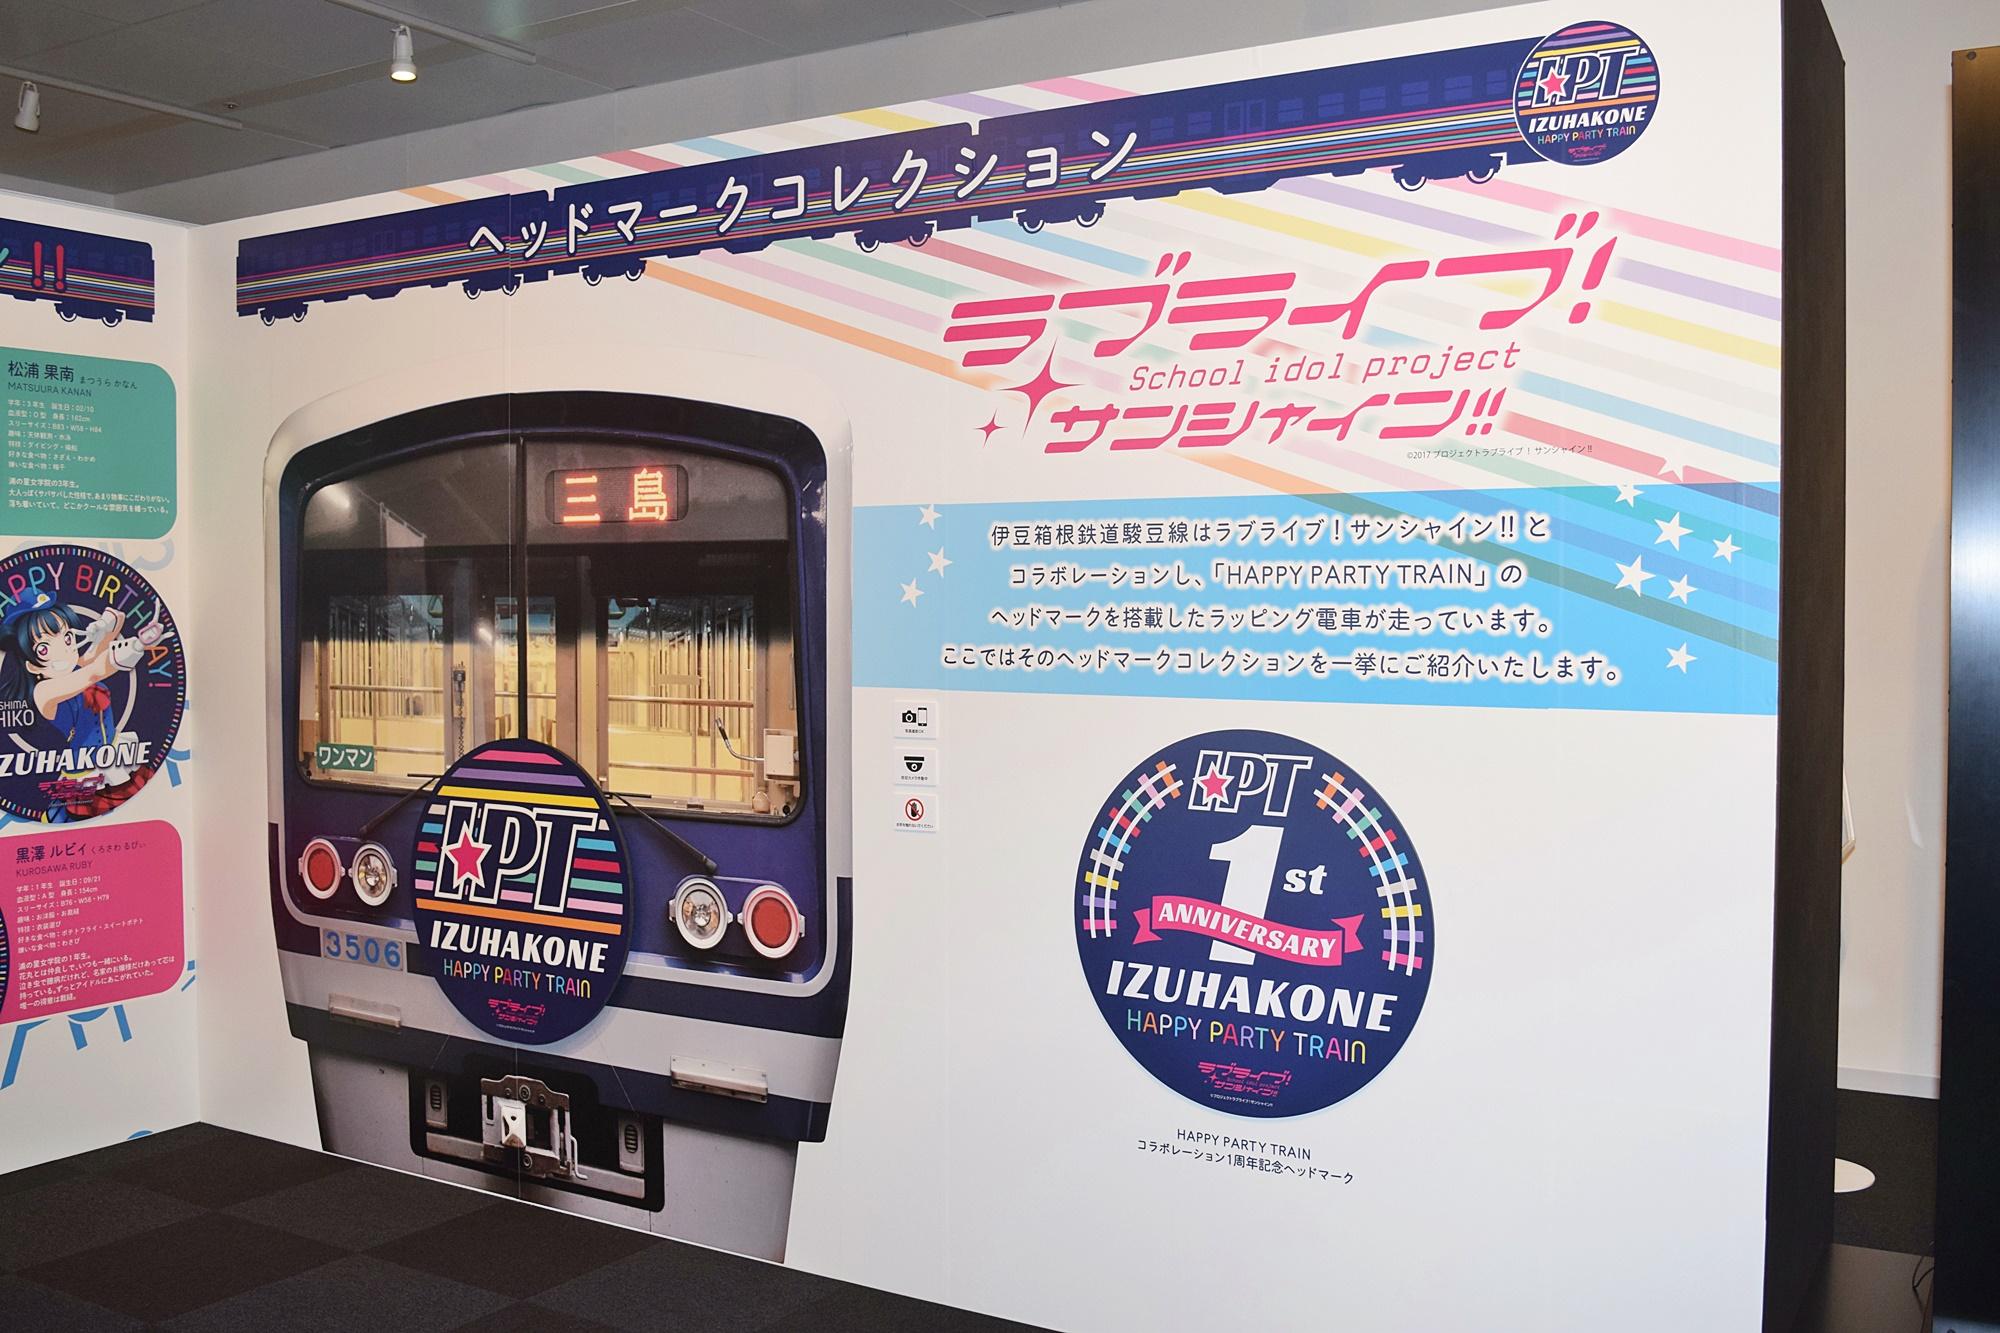 「アニメと鉄道展」を鉄道BIG4が大絶賛! 『ラブライブ!サンシャイン!!』、『この世界の片隅に』、『機動警察パトレイバー』、『ISLAND』などが展示-7